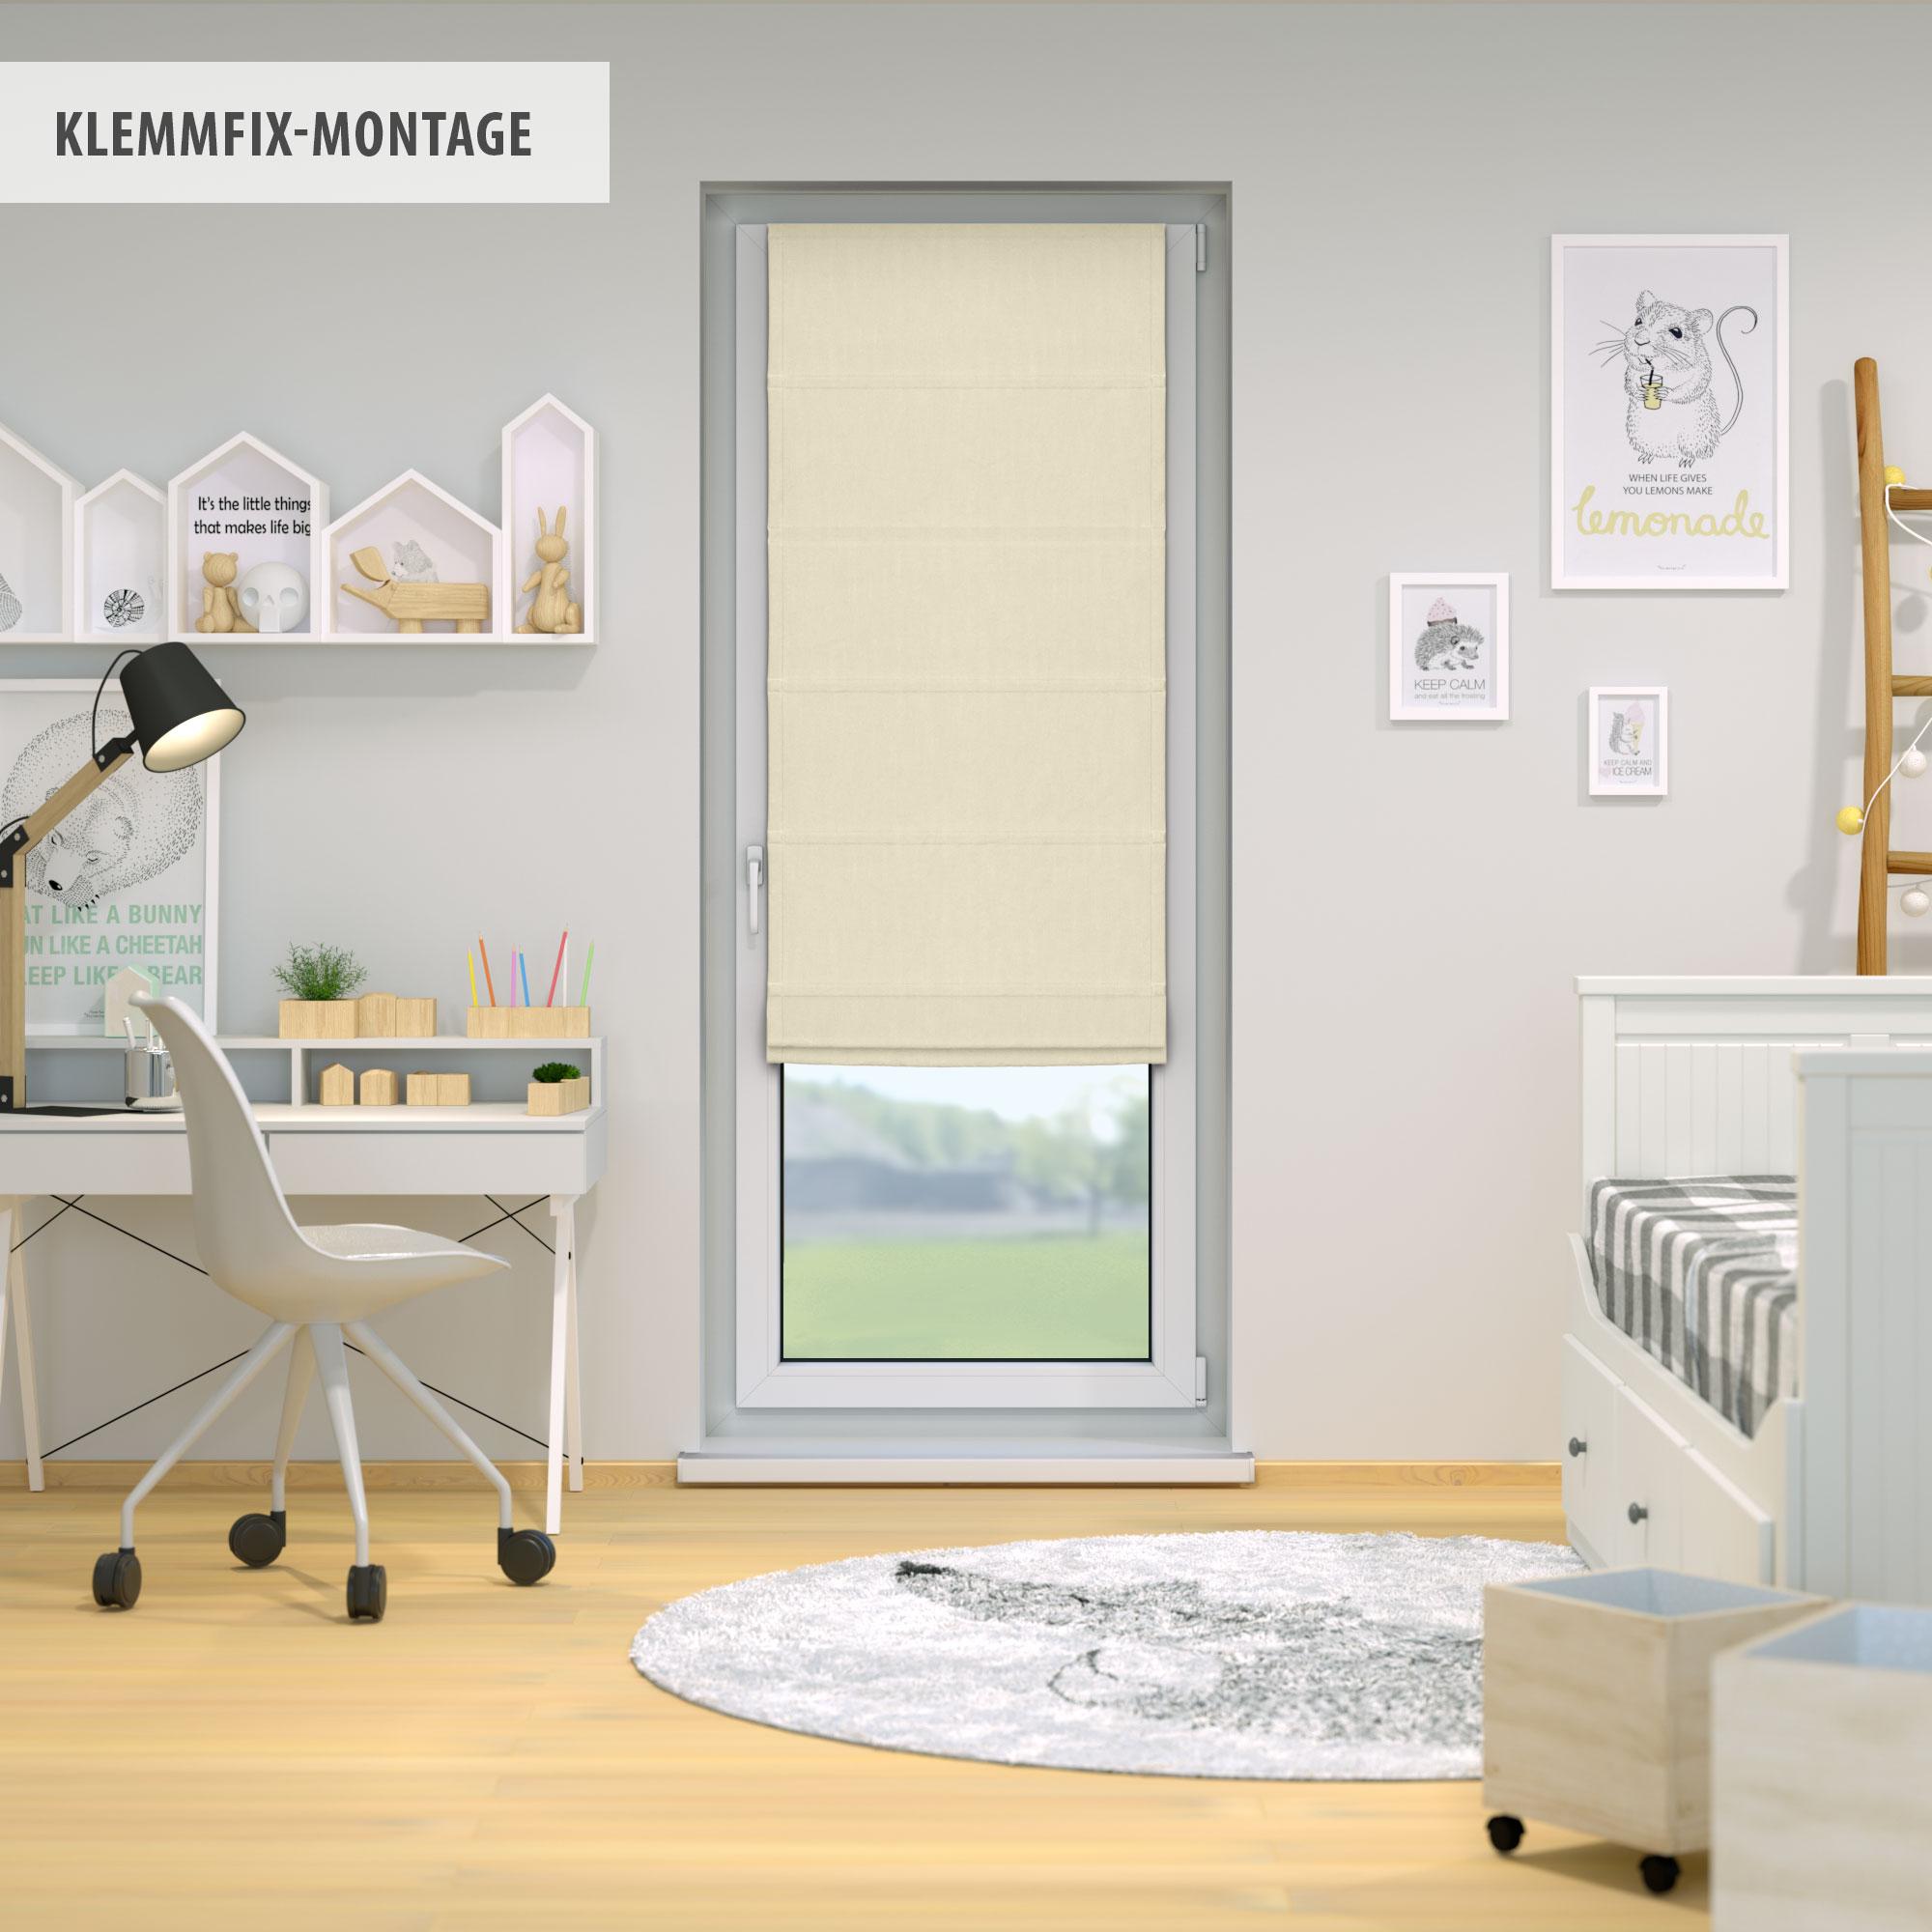 Indexbild 37 - Raffrollo-Faltrollo-Klemmfix-ohne-Bohren-Fenster-Raffgardine-Gardine-VICTORIA-M